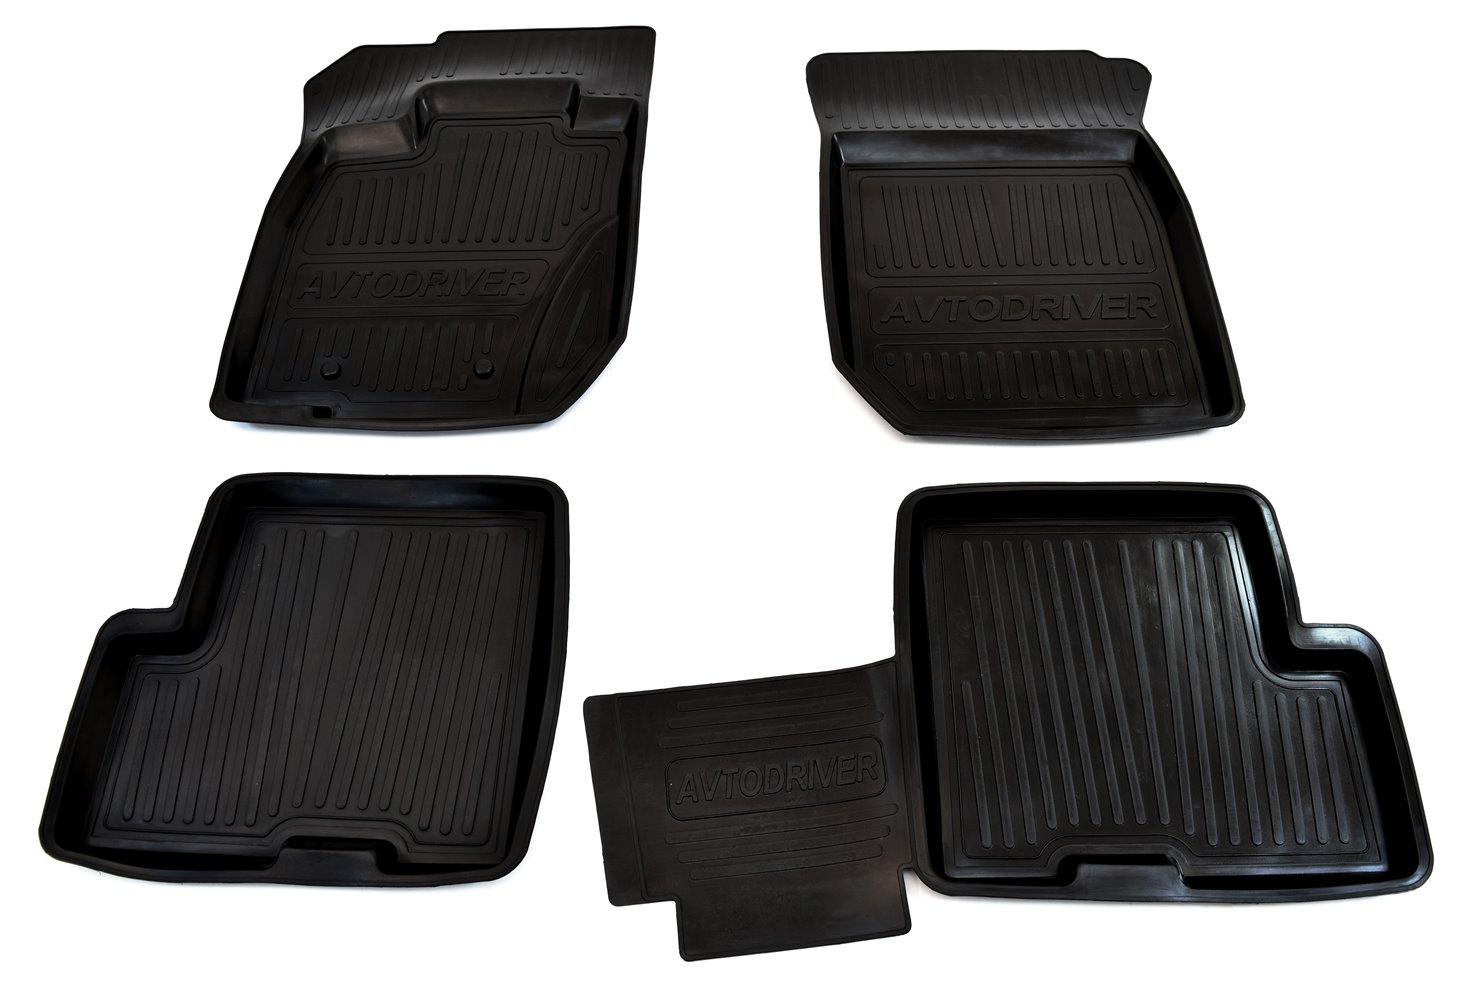 Коврики салона Avtodriver для Renault Duster полный привод (2011-2015) ADRJET022, резиновые, с бортиком, черный wrap printed duster coat